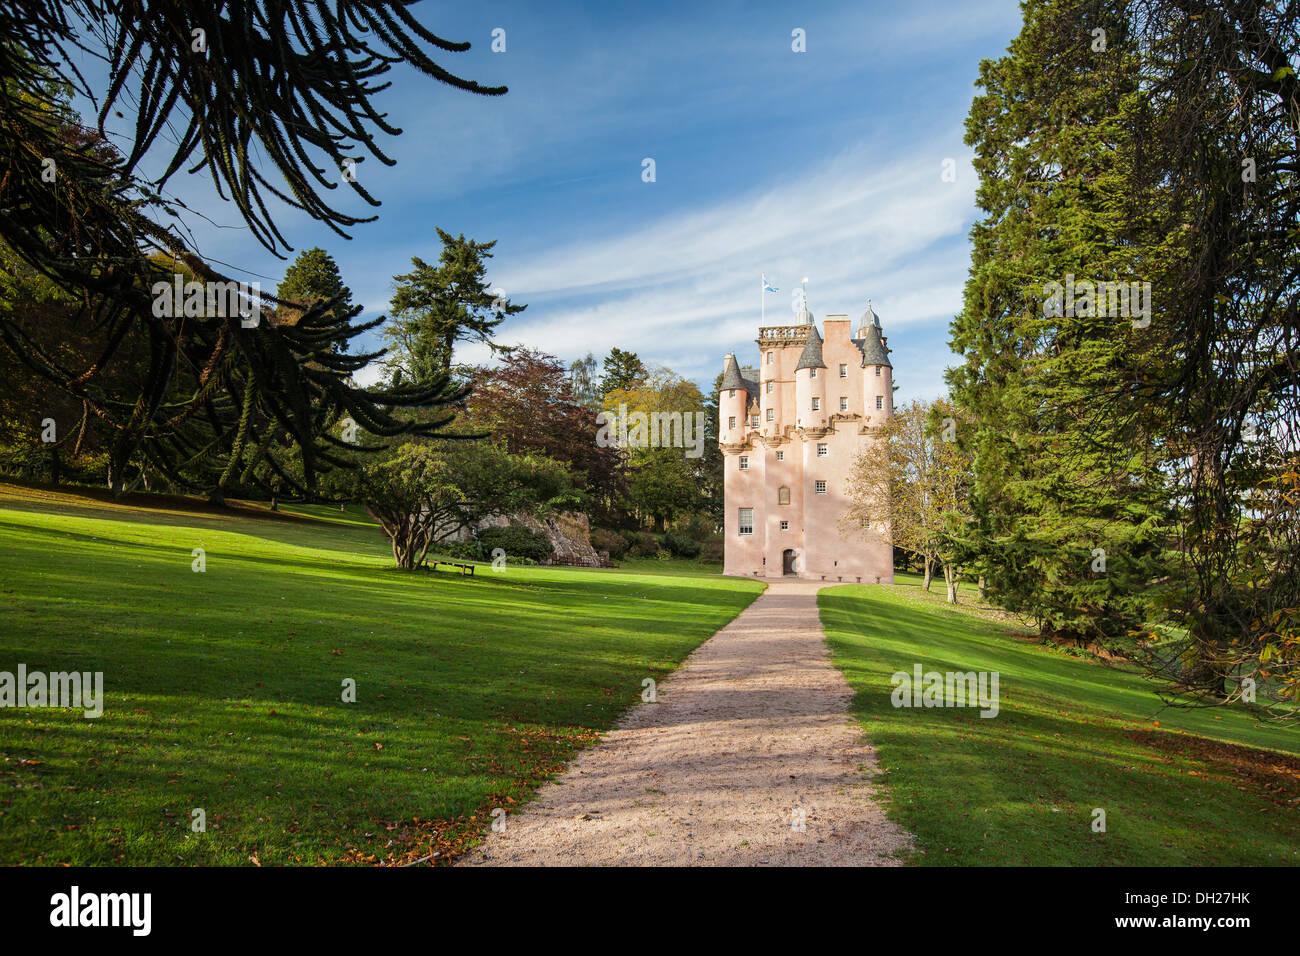 Craigievar Castle in Aberdeenshire, Scotland. - Stock Image